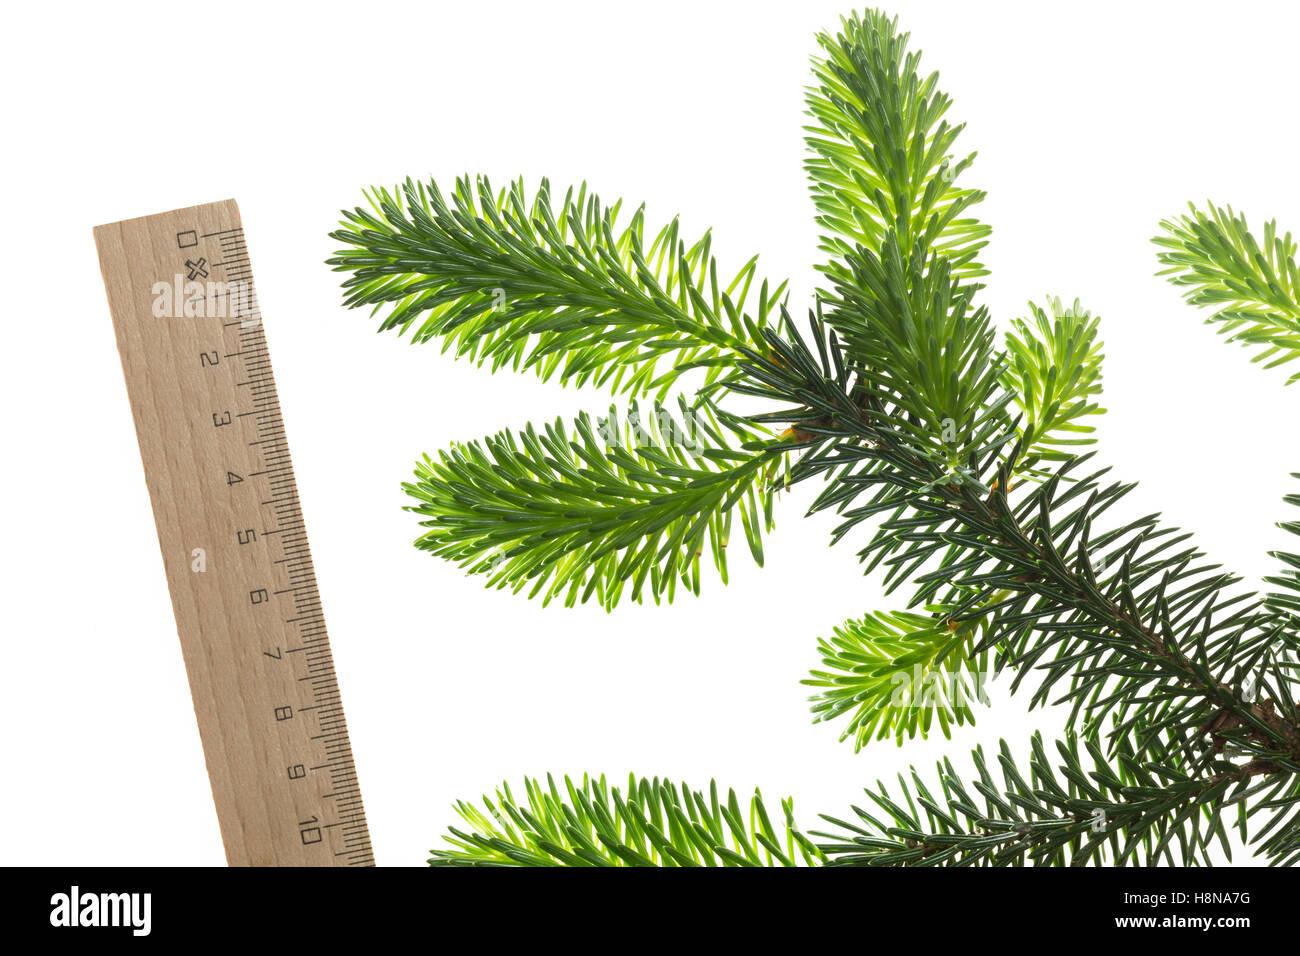 Sitka-Fichte, Sitkafichte, Picea sitchensis, Sitka spruce, L'Épinette de Sitka, Épicéa de France. - Stock Image